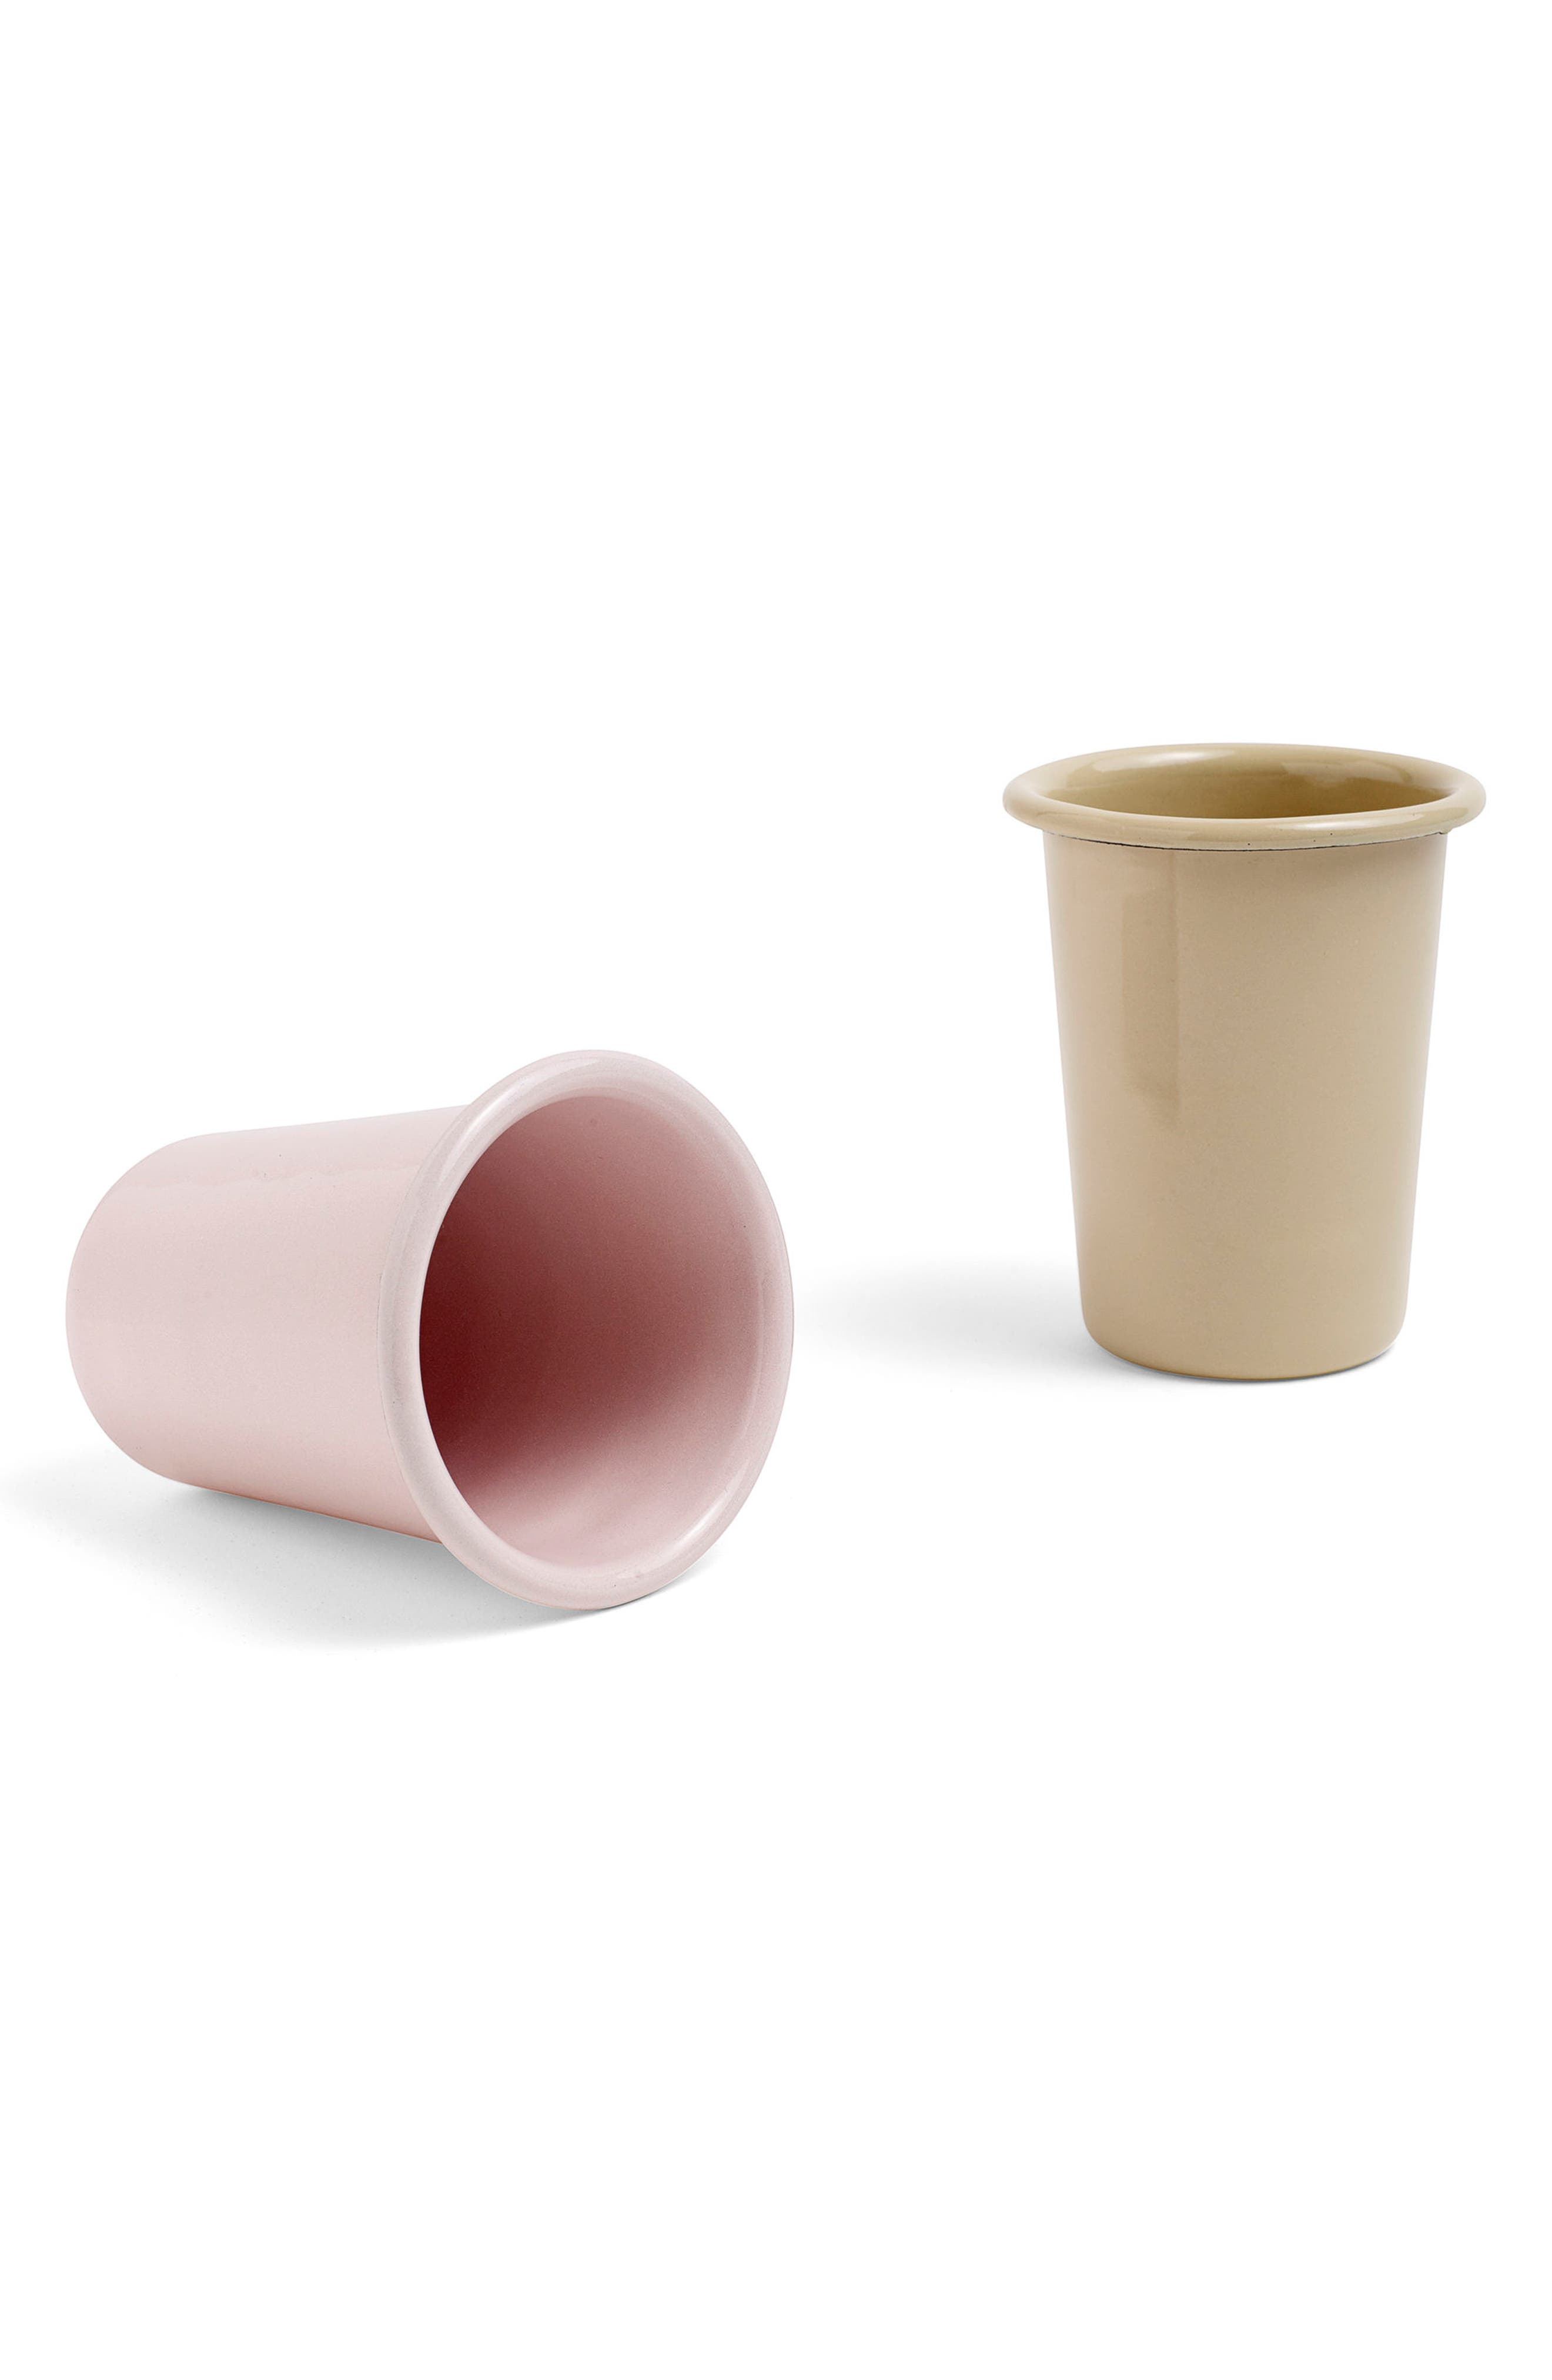 Enamel Cup,                             Alternate thumbnail 5, color,                             200